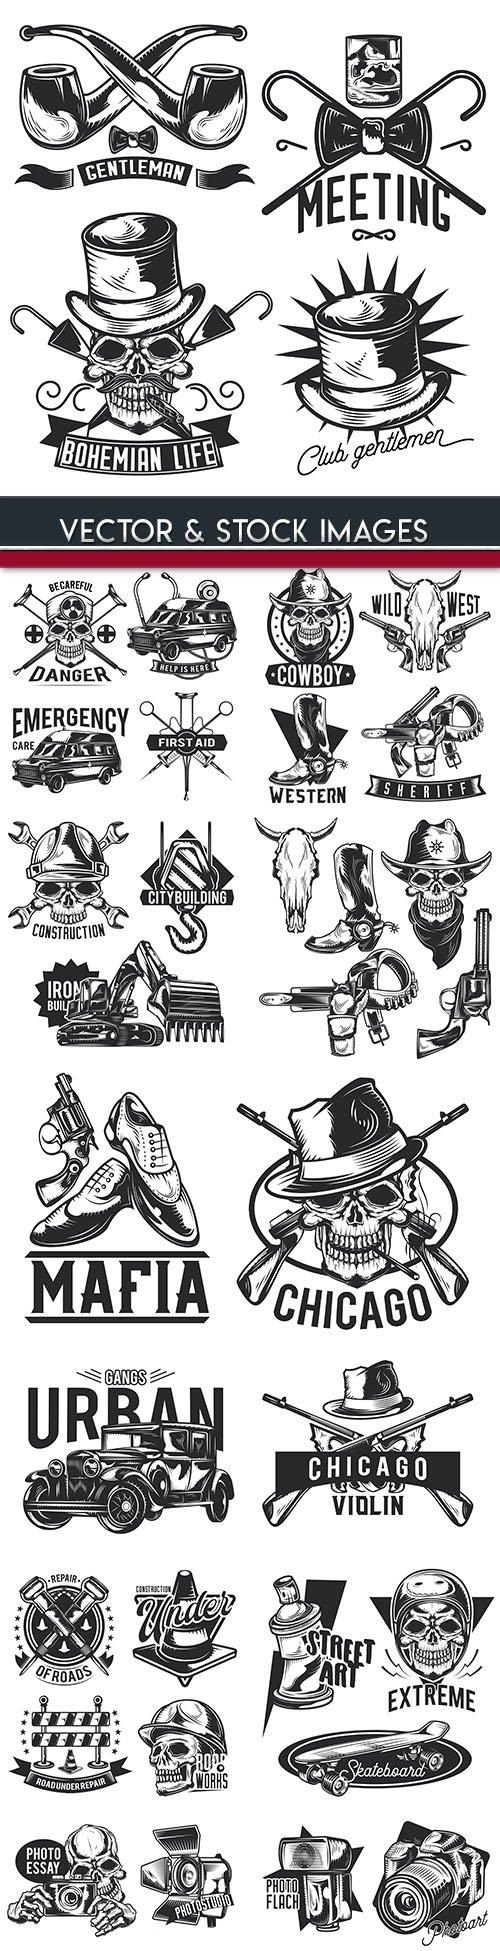 Skull and accessories grunge labet drawn design